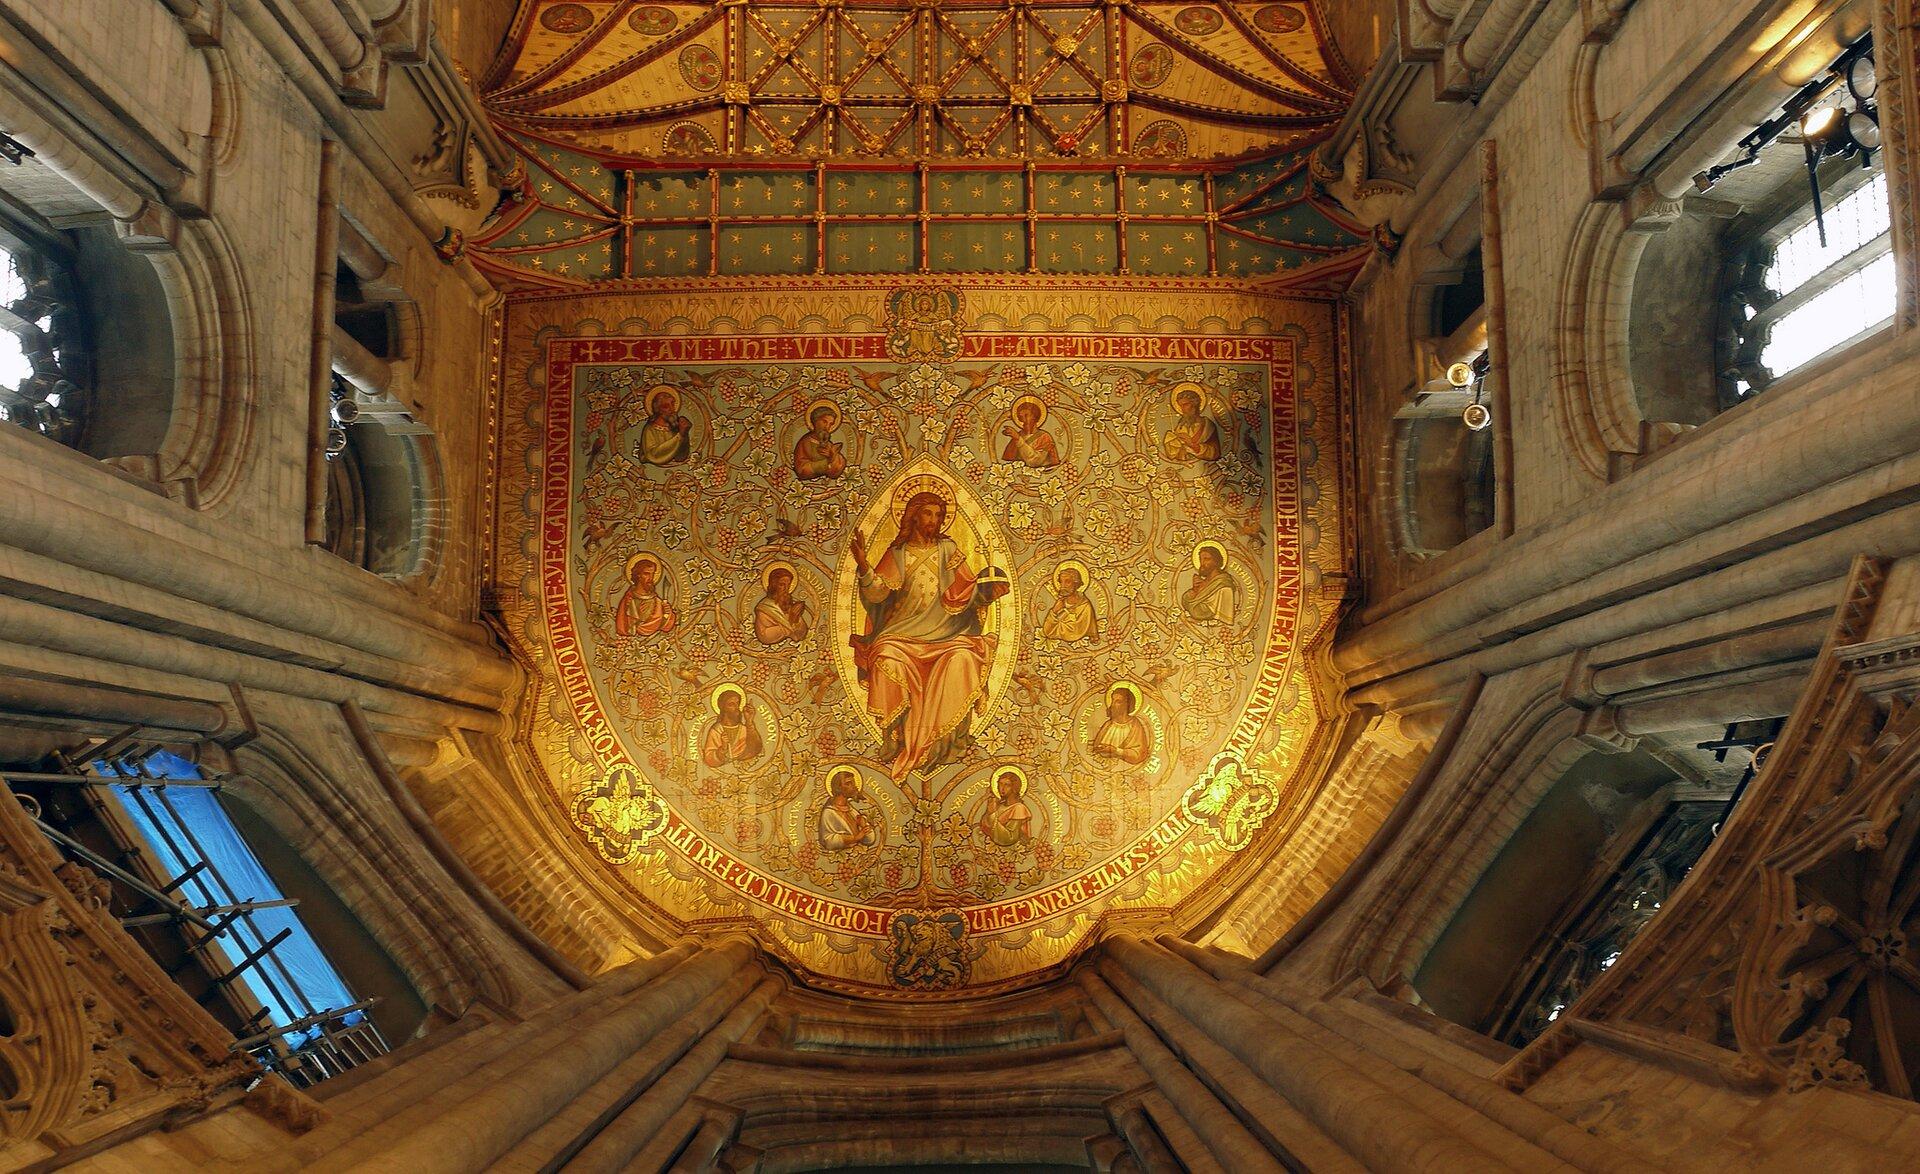 Ilustracja przedstawia sufit Katedry św. Piotra, Pawła iAndrzeja wPeterborough. Wcentralnej części sufitu, na złotym, wzorzystym tle namalowany jest Jezus na tle mandorli wkształcie migdała. Otaczają go postacie dwunastu apostołów. Scena zamknięta jest dekoracyjną bordiurą ze złotymi napisami na czerwonym tle. Po bokach znajdują się perspektywicznie ujęte okna, które przedzielają wiązki służek.